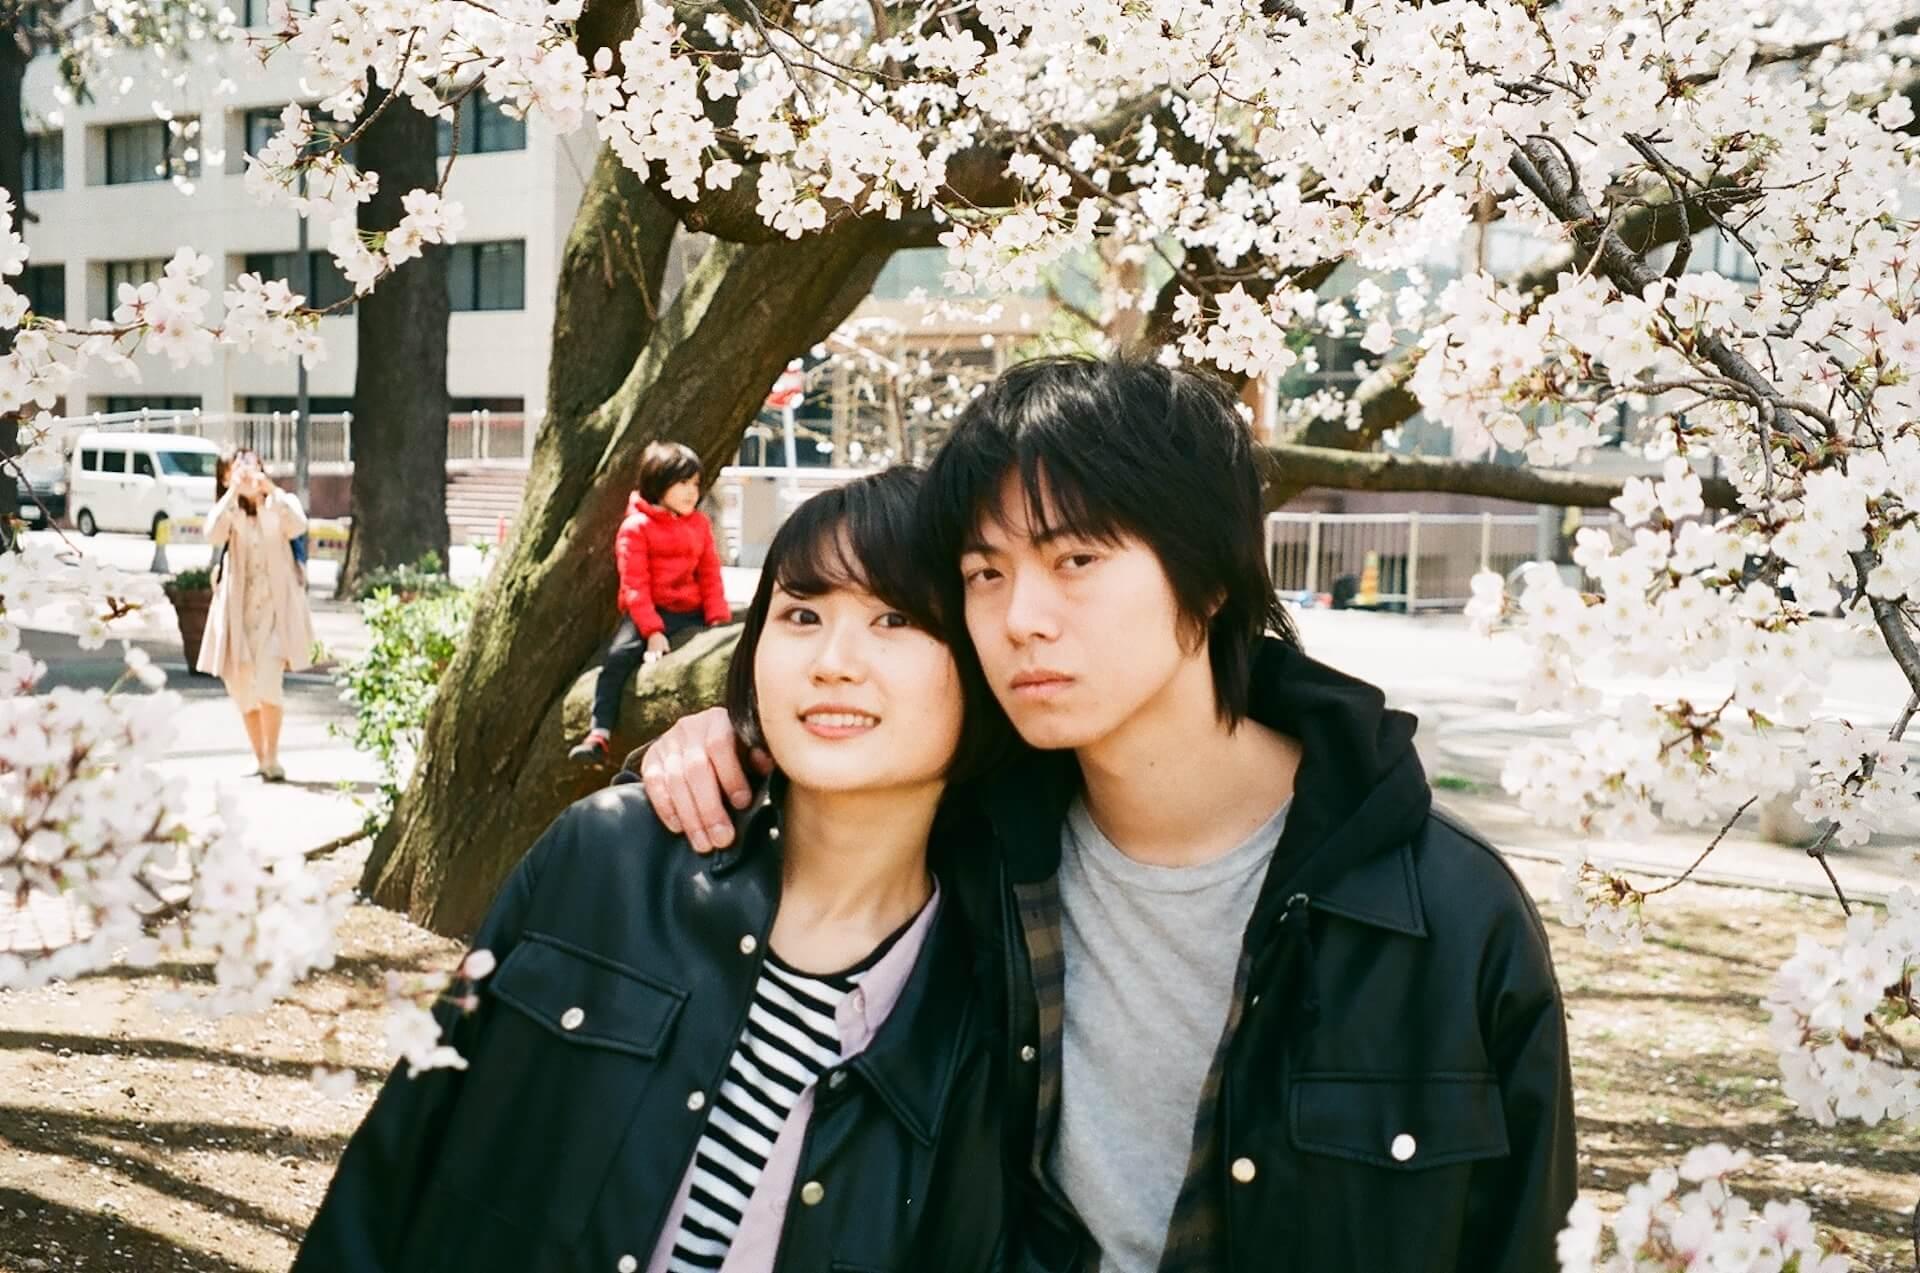 はなむけしゃしん - Ye&Nana「落花流水」 art200325_hanamukeshashin_8